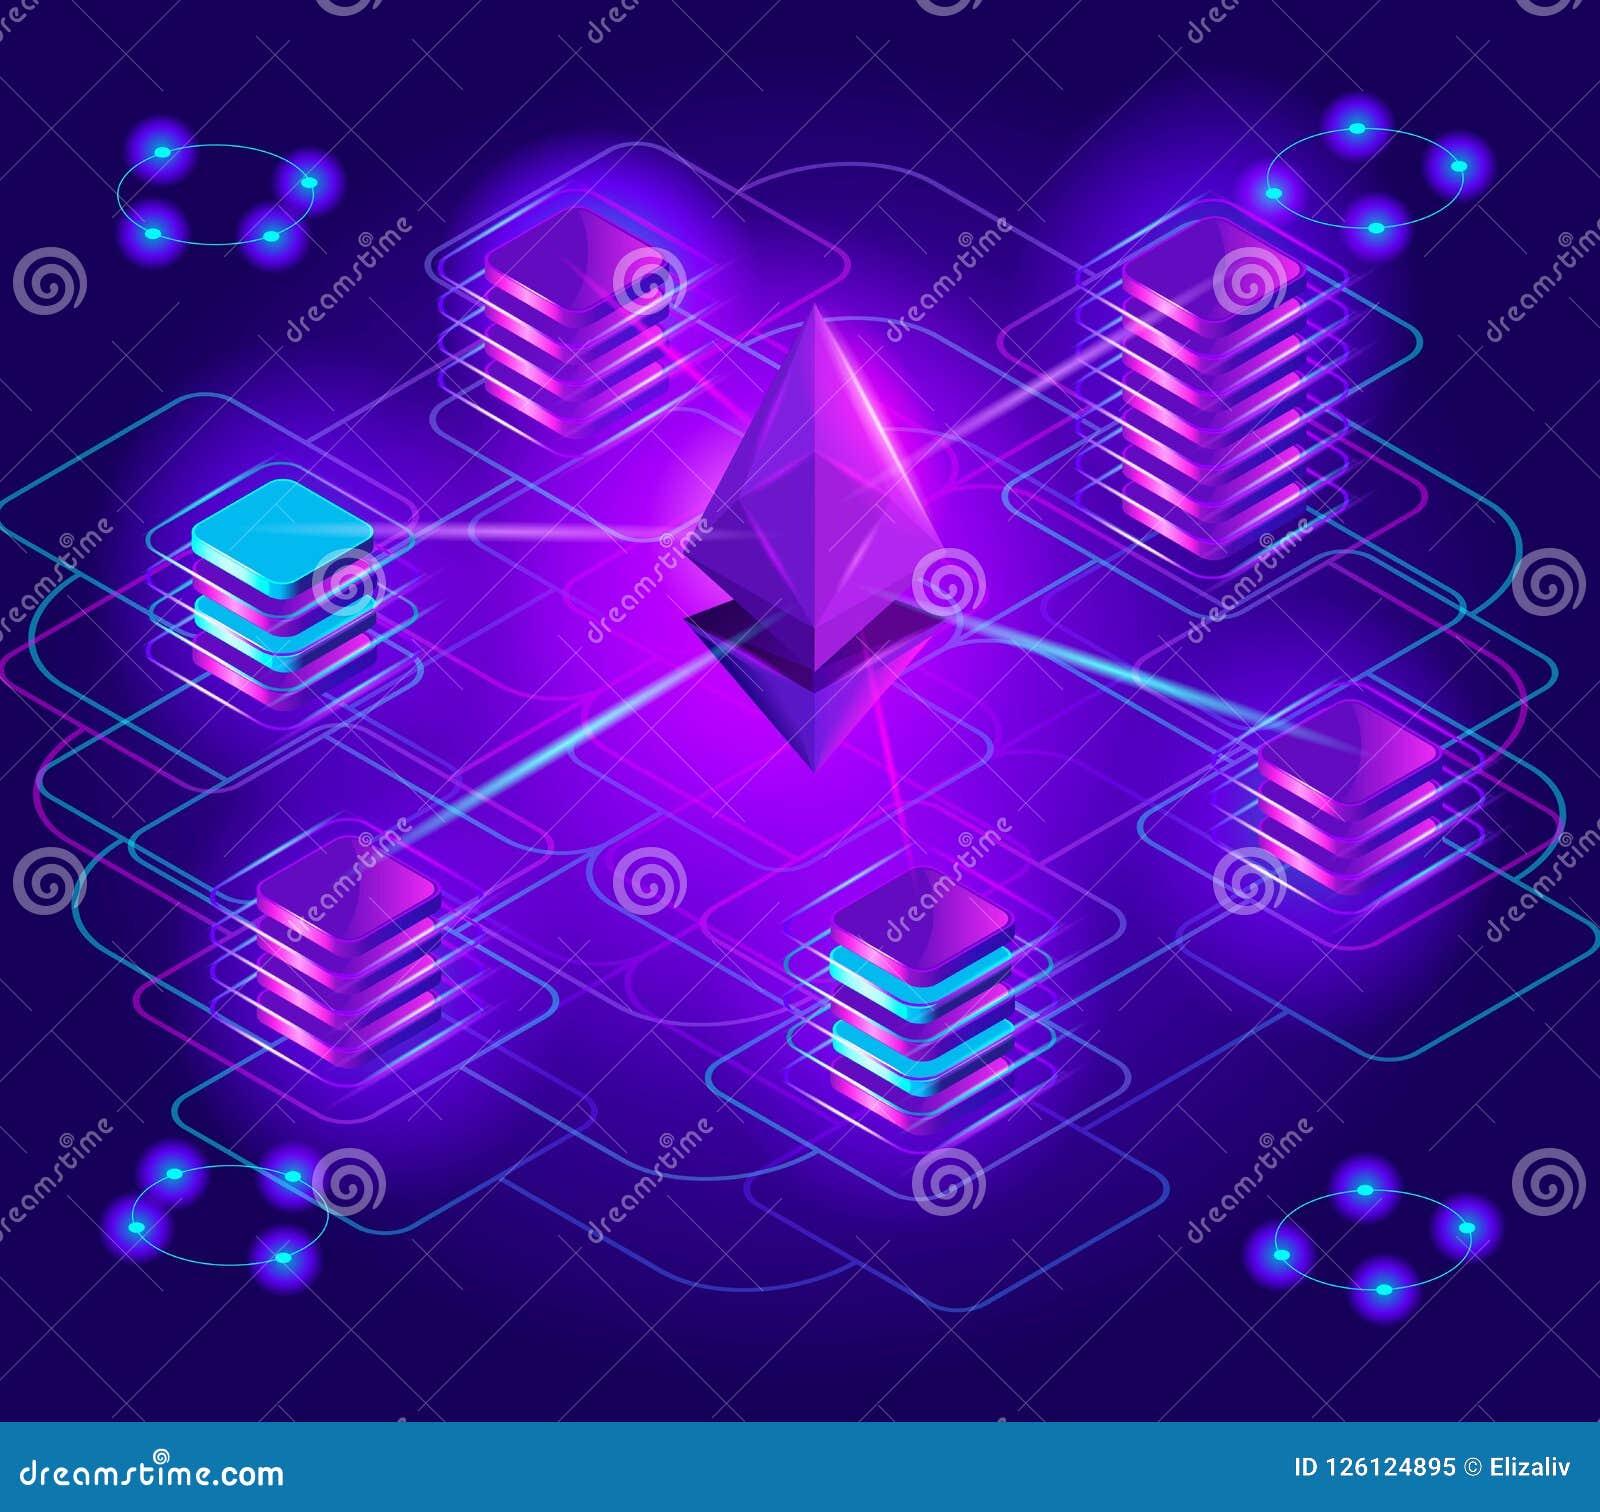 Секретный-валюта isometry, яркие голографические световые эффекты, стог засорением, платформа Ethereum, обмен,